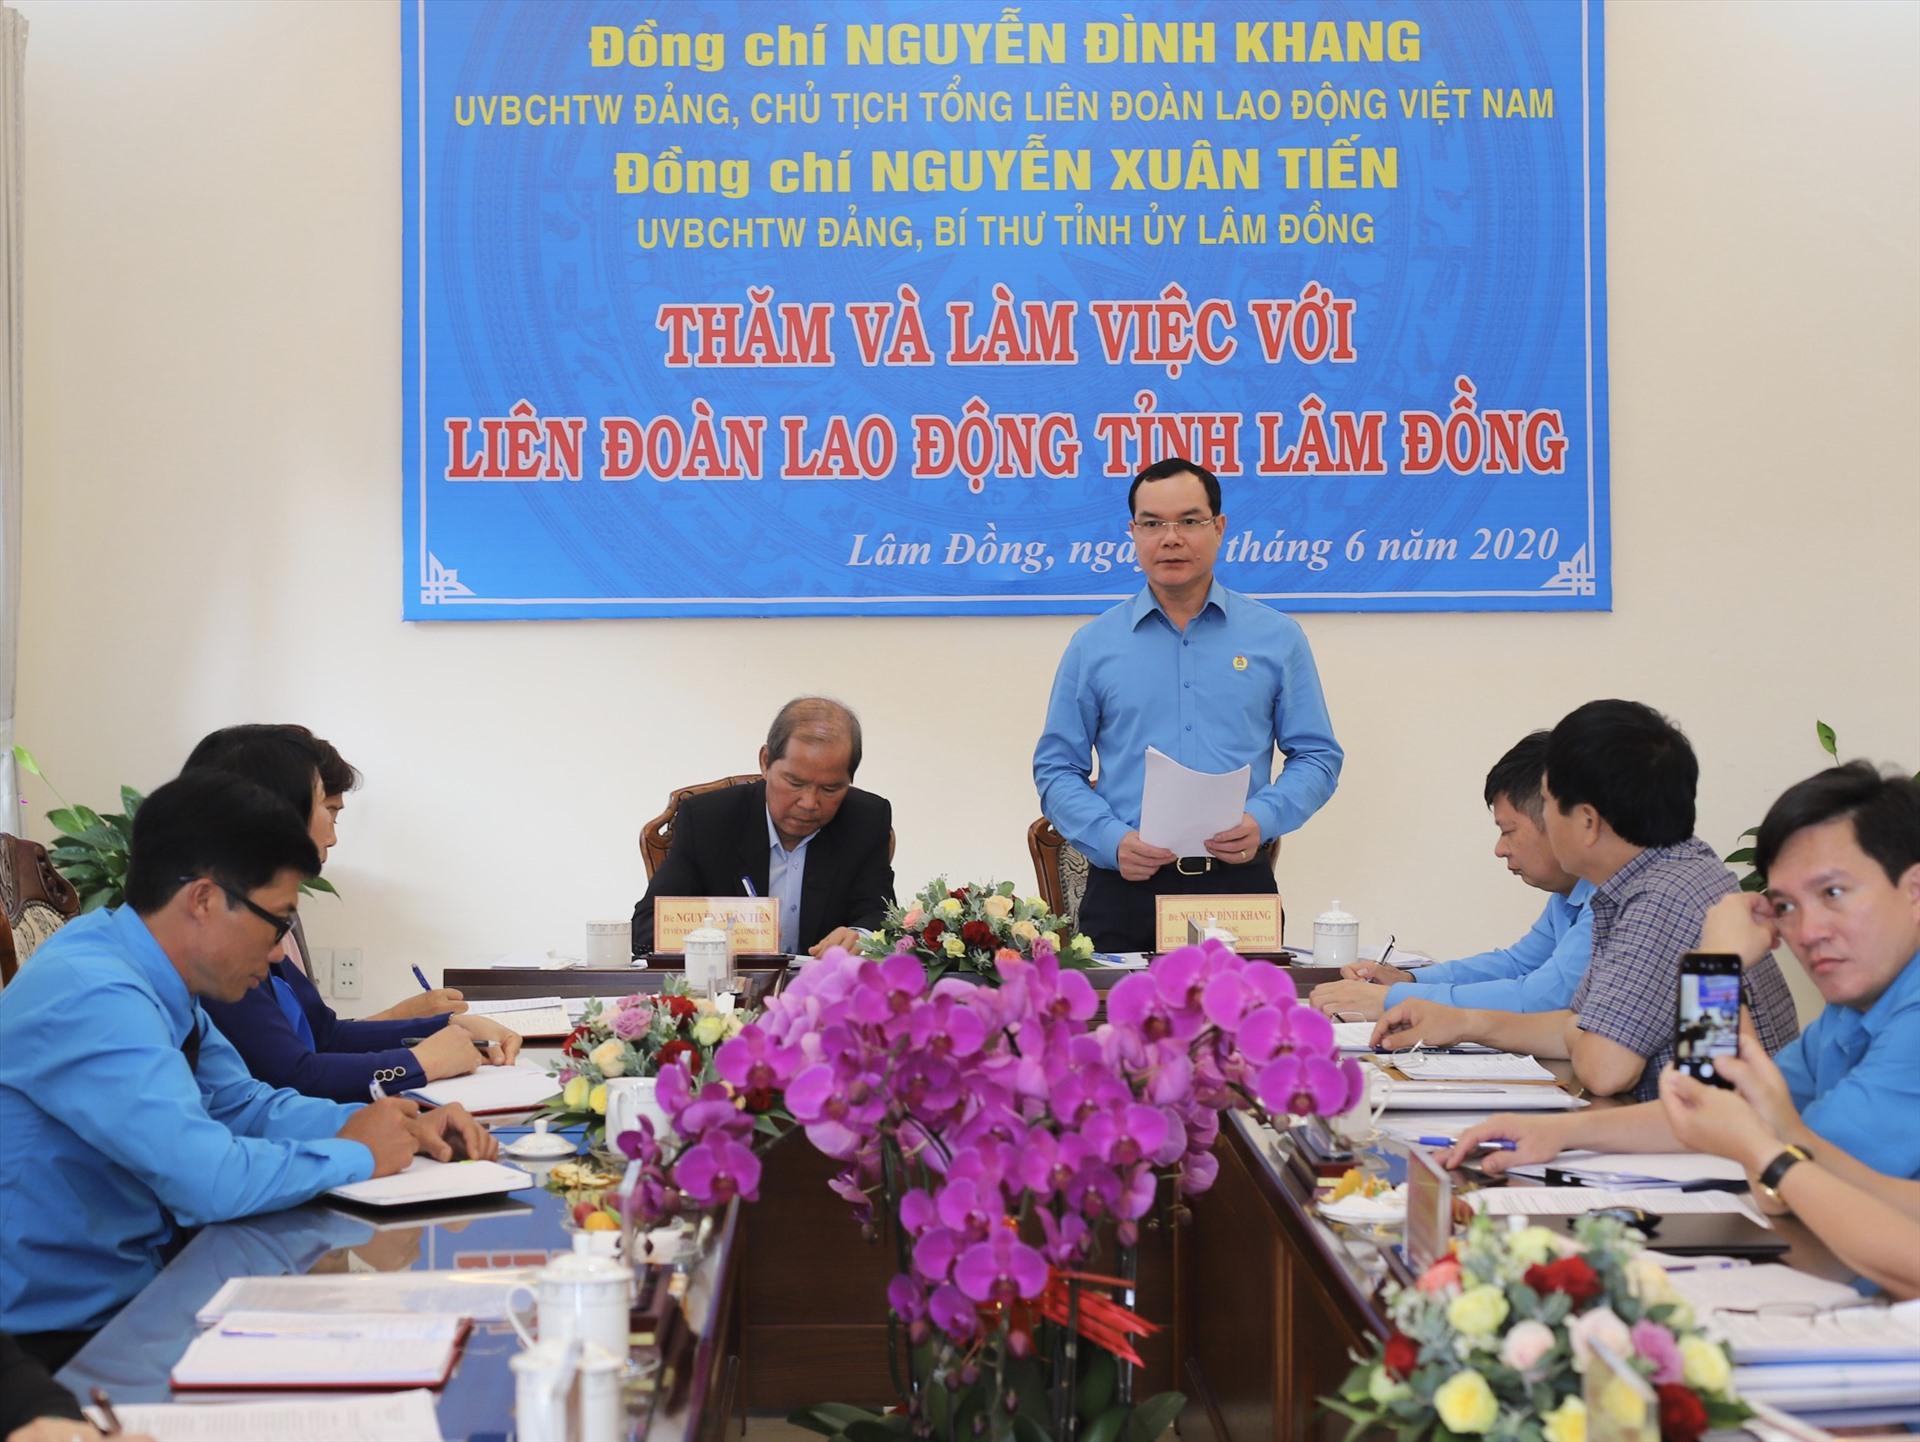 Toàn cảnh buổi làm việc tại LĐLĐ tỉnh Lâm Đồng. Ảnh: Hữu Long